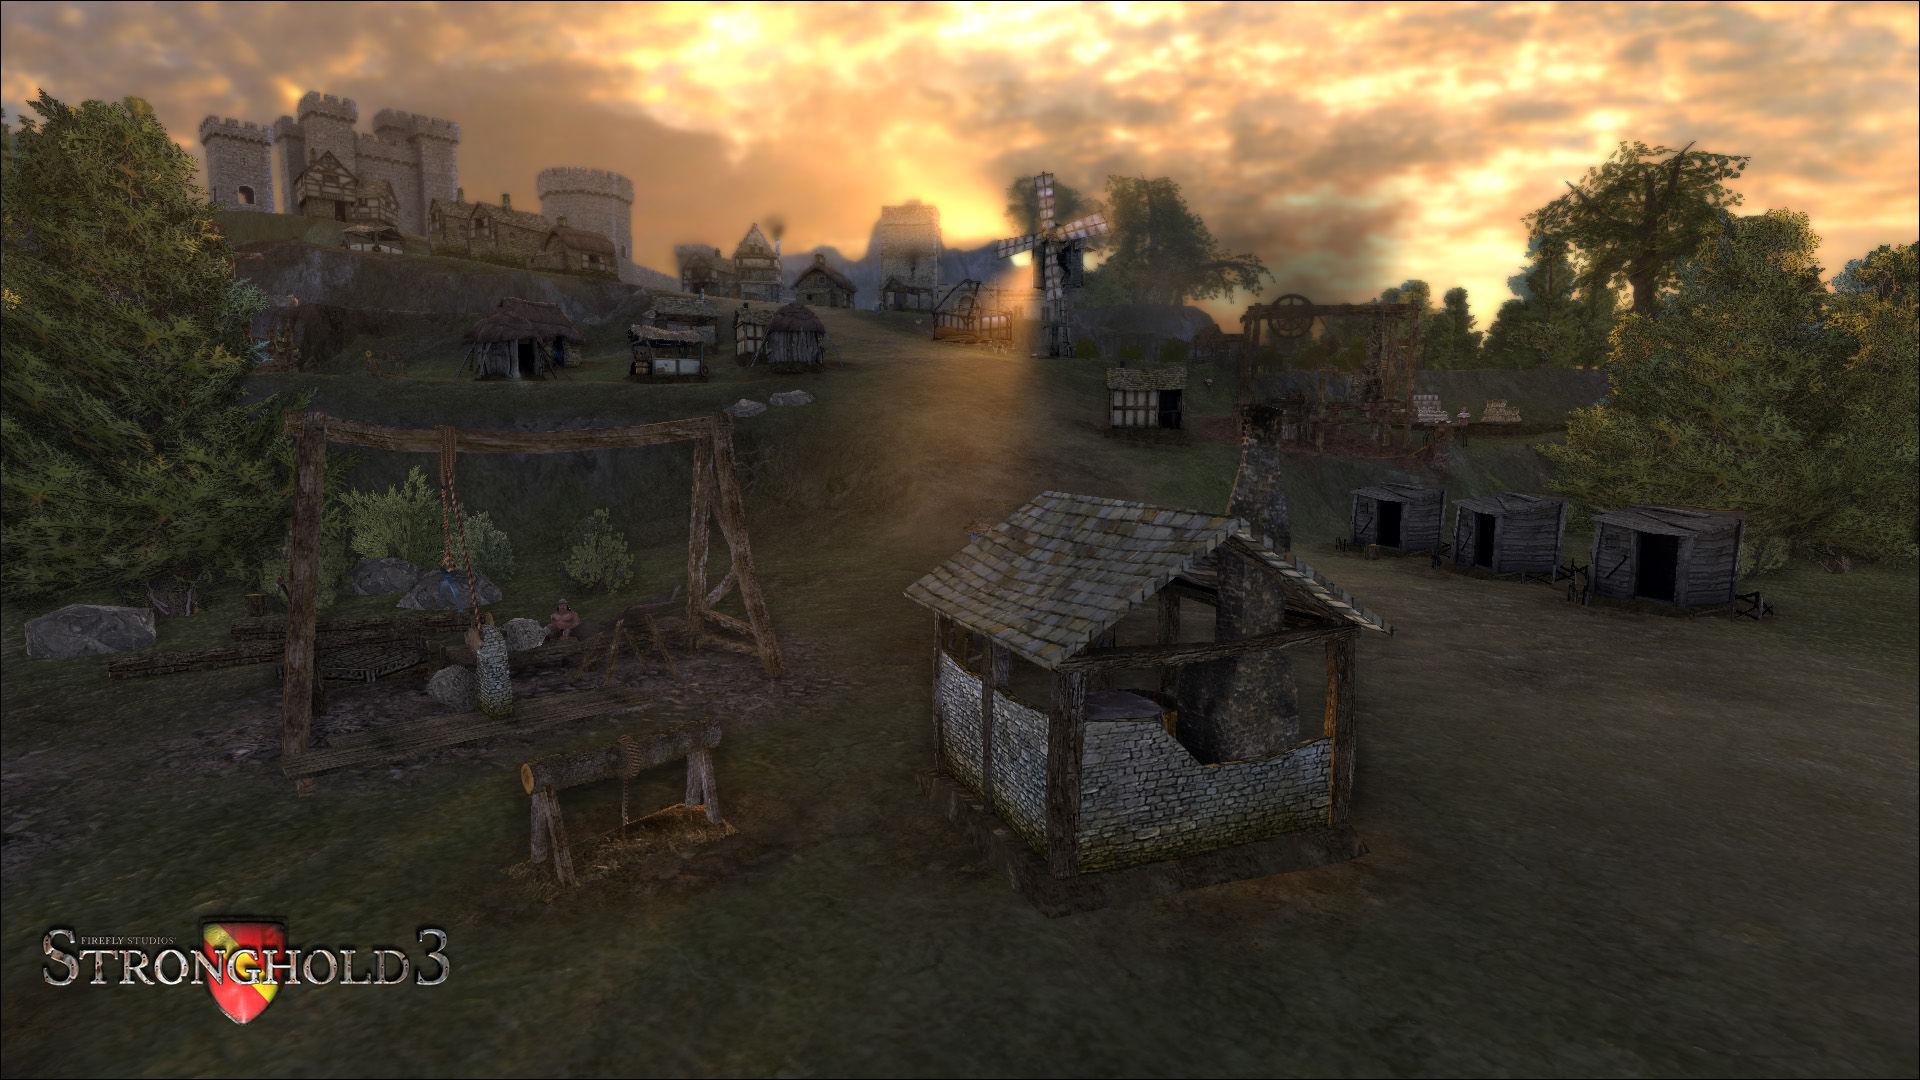 Stronghold 3 – k obrazu svému 14058